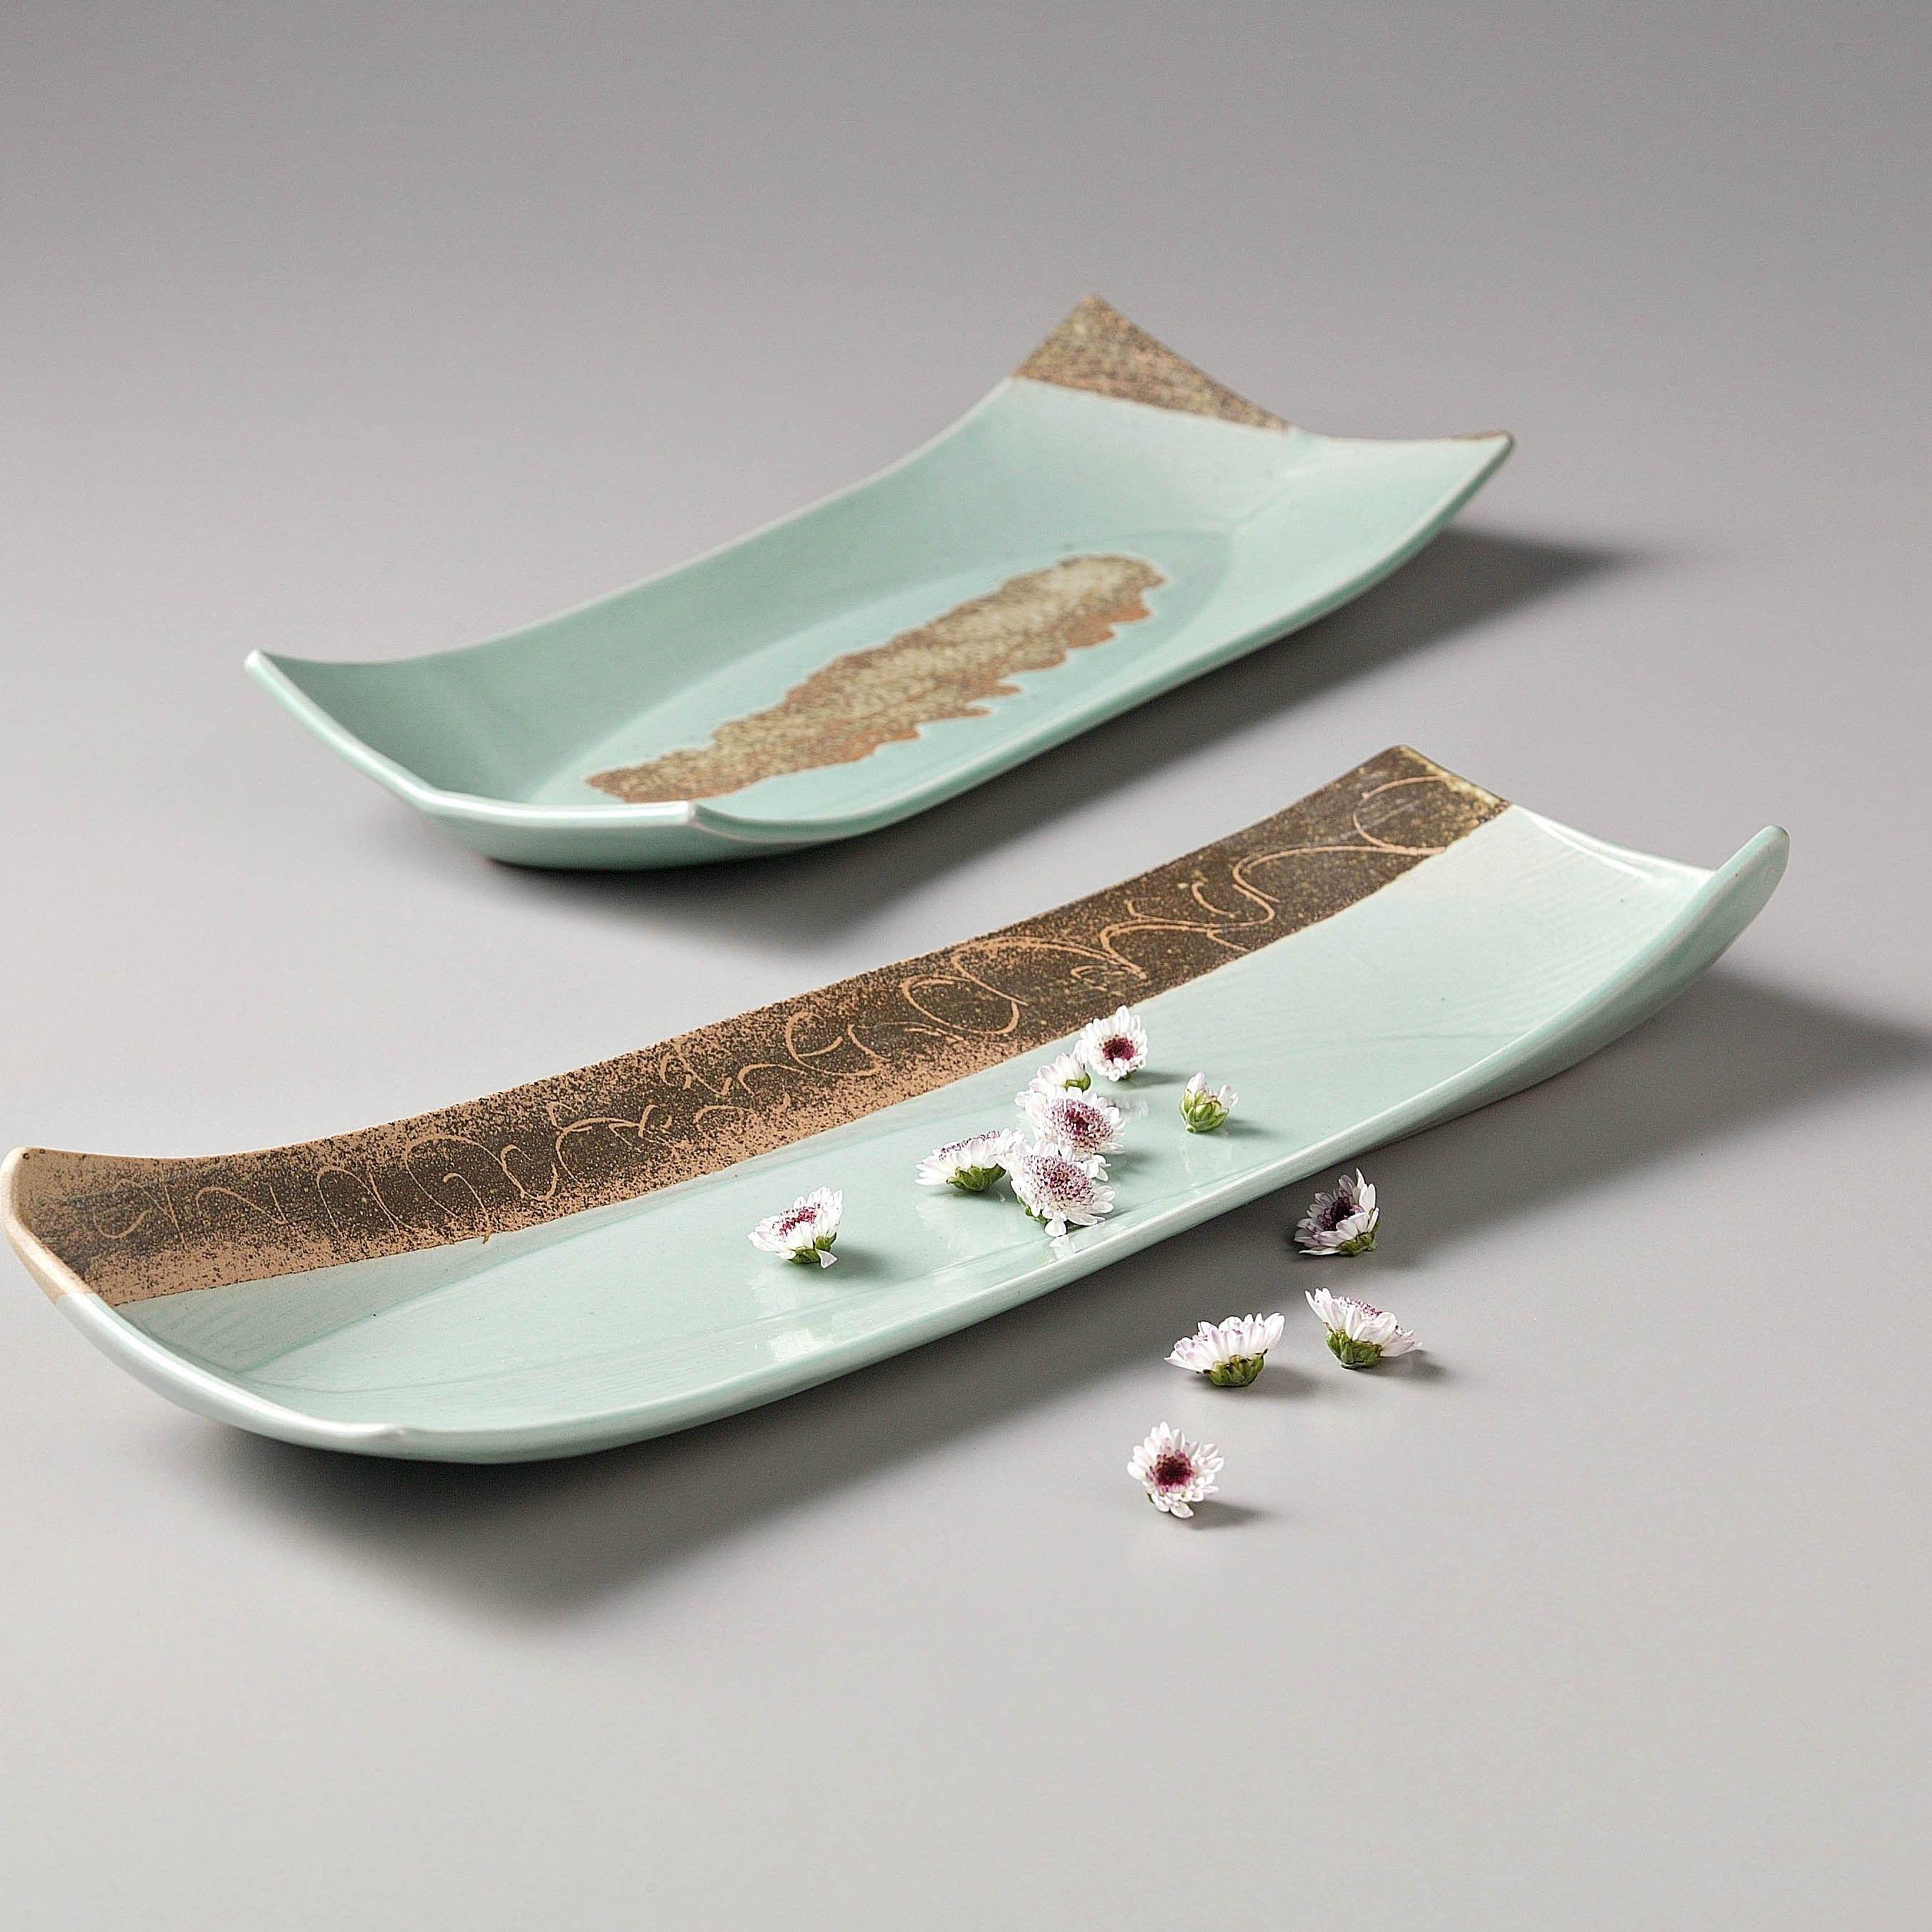 [Artisan/Handmade] Celadon crocketed ceramic plate by Seung-pyoLee Made & Artisan/Handmade] Celadon crocketed ceramic plate by Seung-pyoLee ...